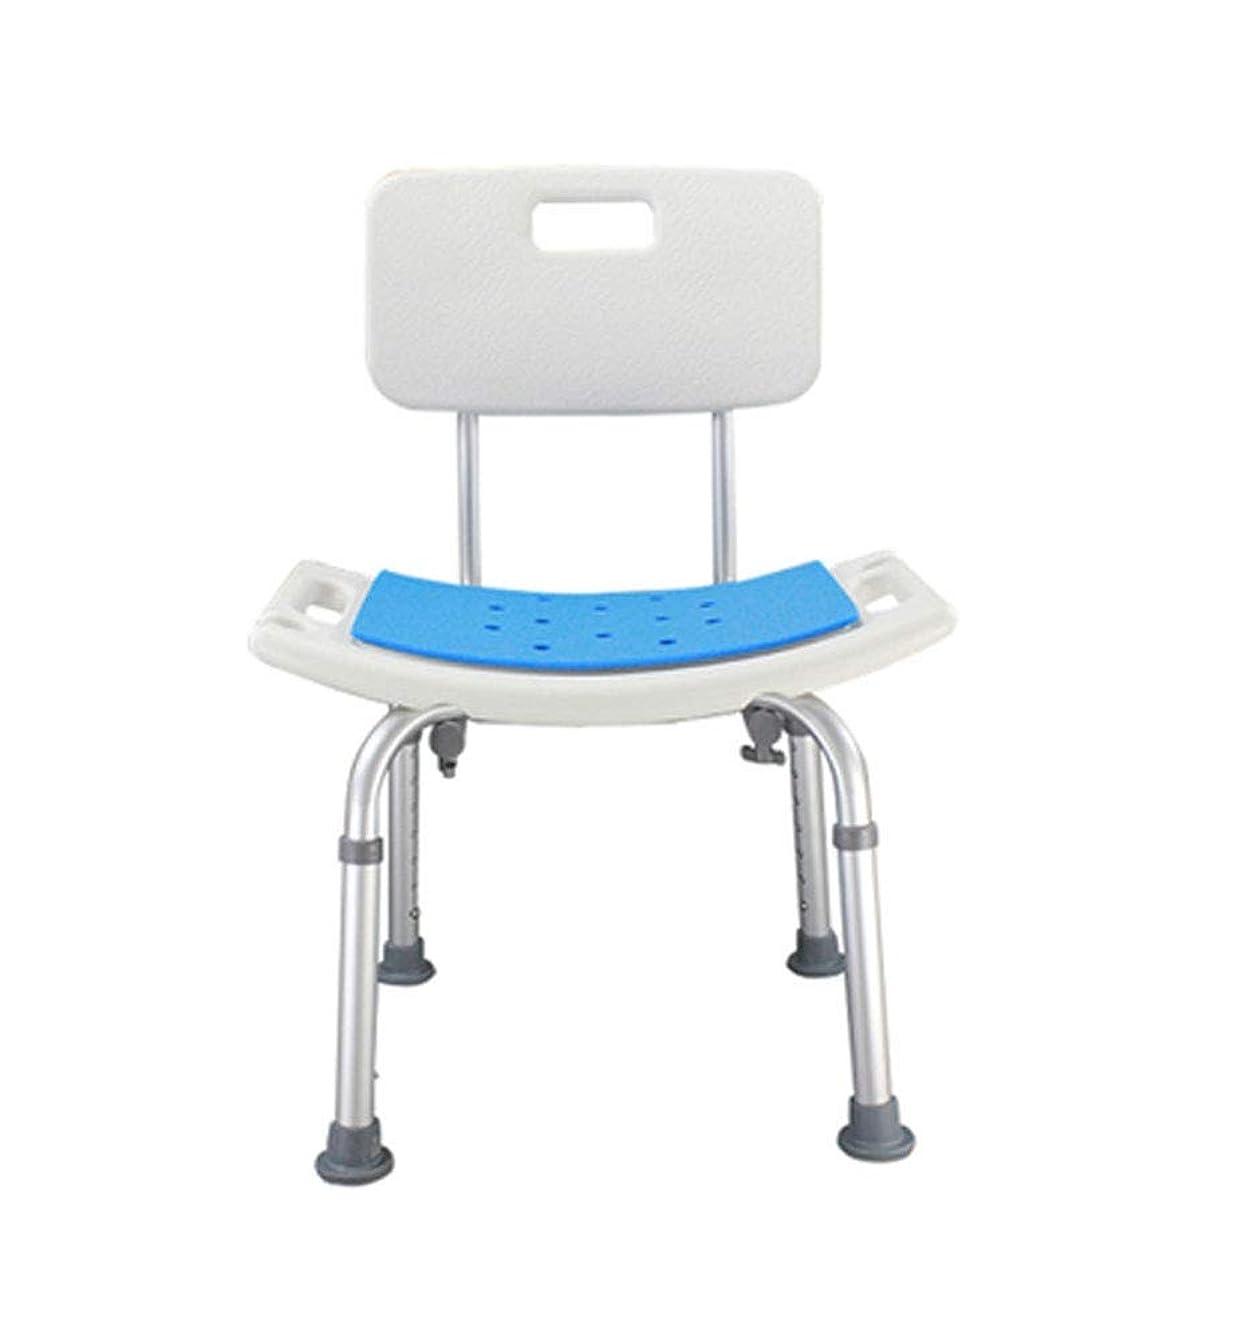 代表団余計なそれにもかかわらず高齢者の高さ調節可能なバススツールのバスチェアバスシート